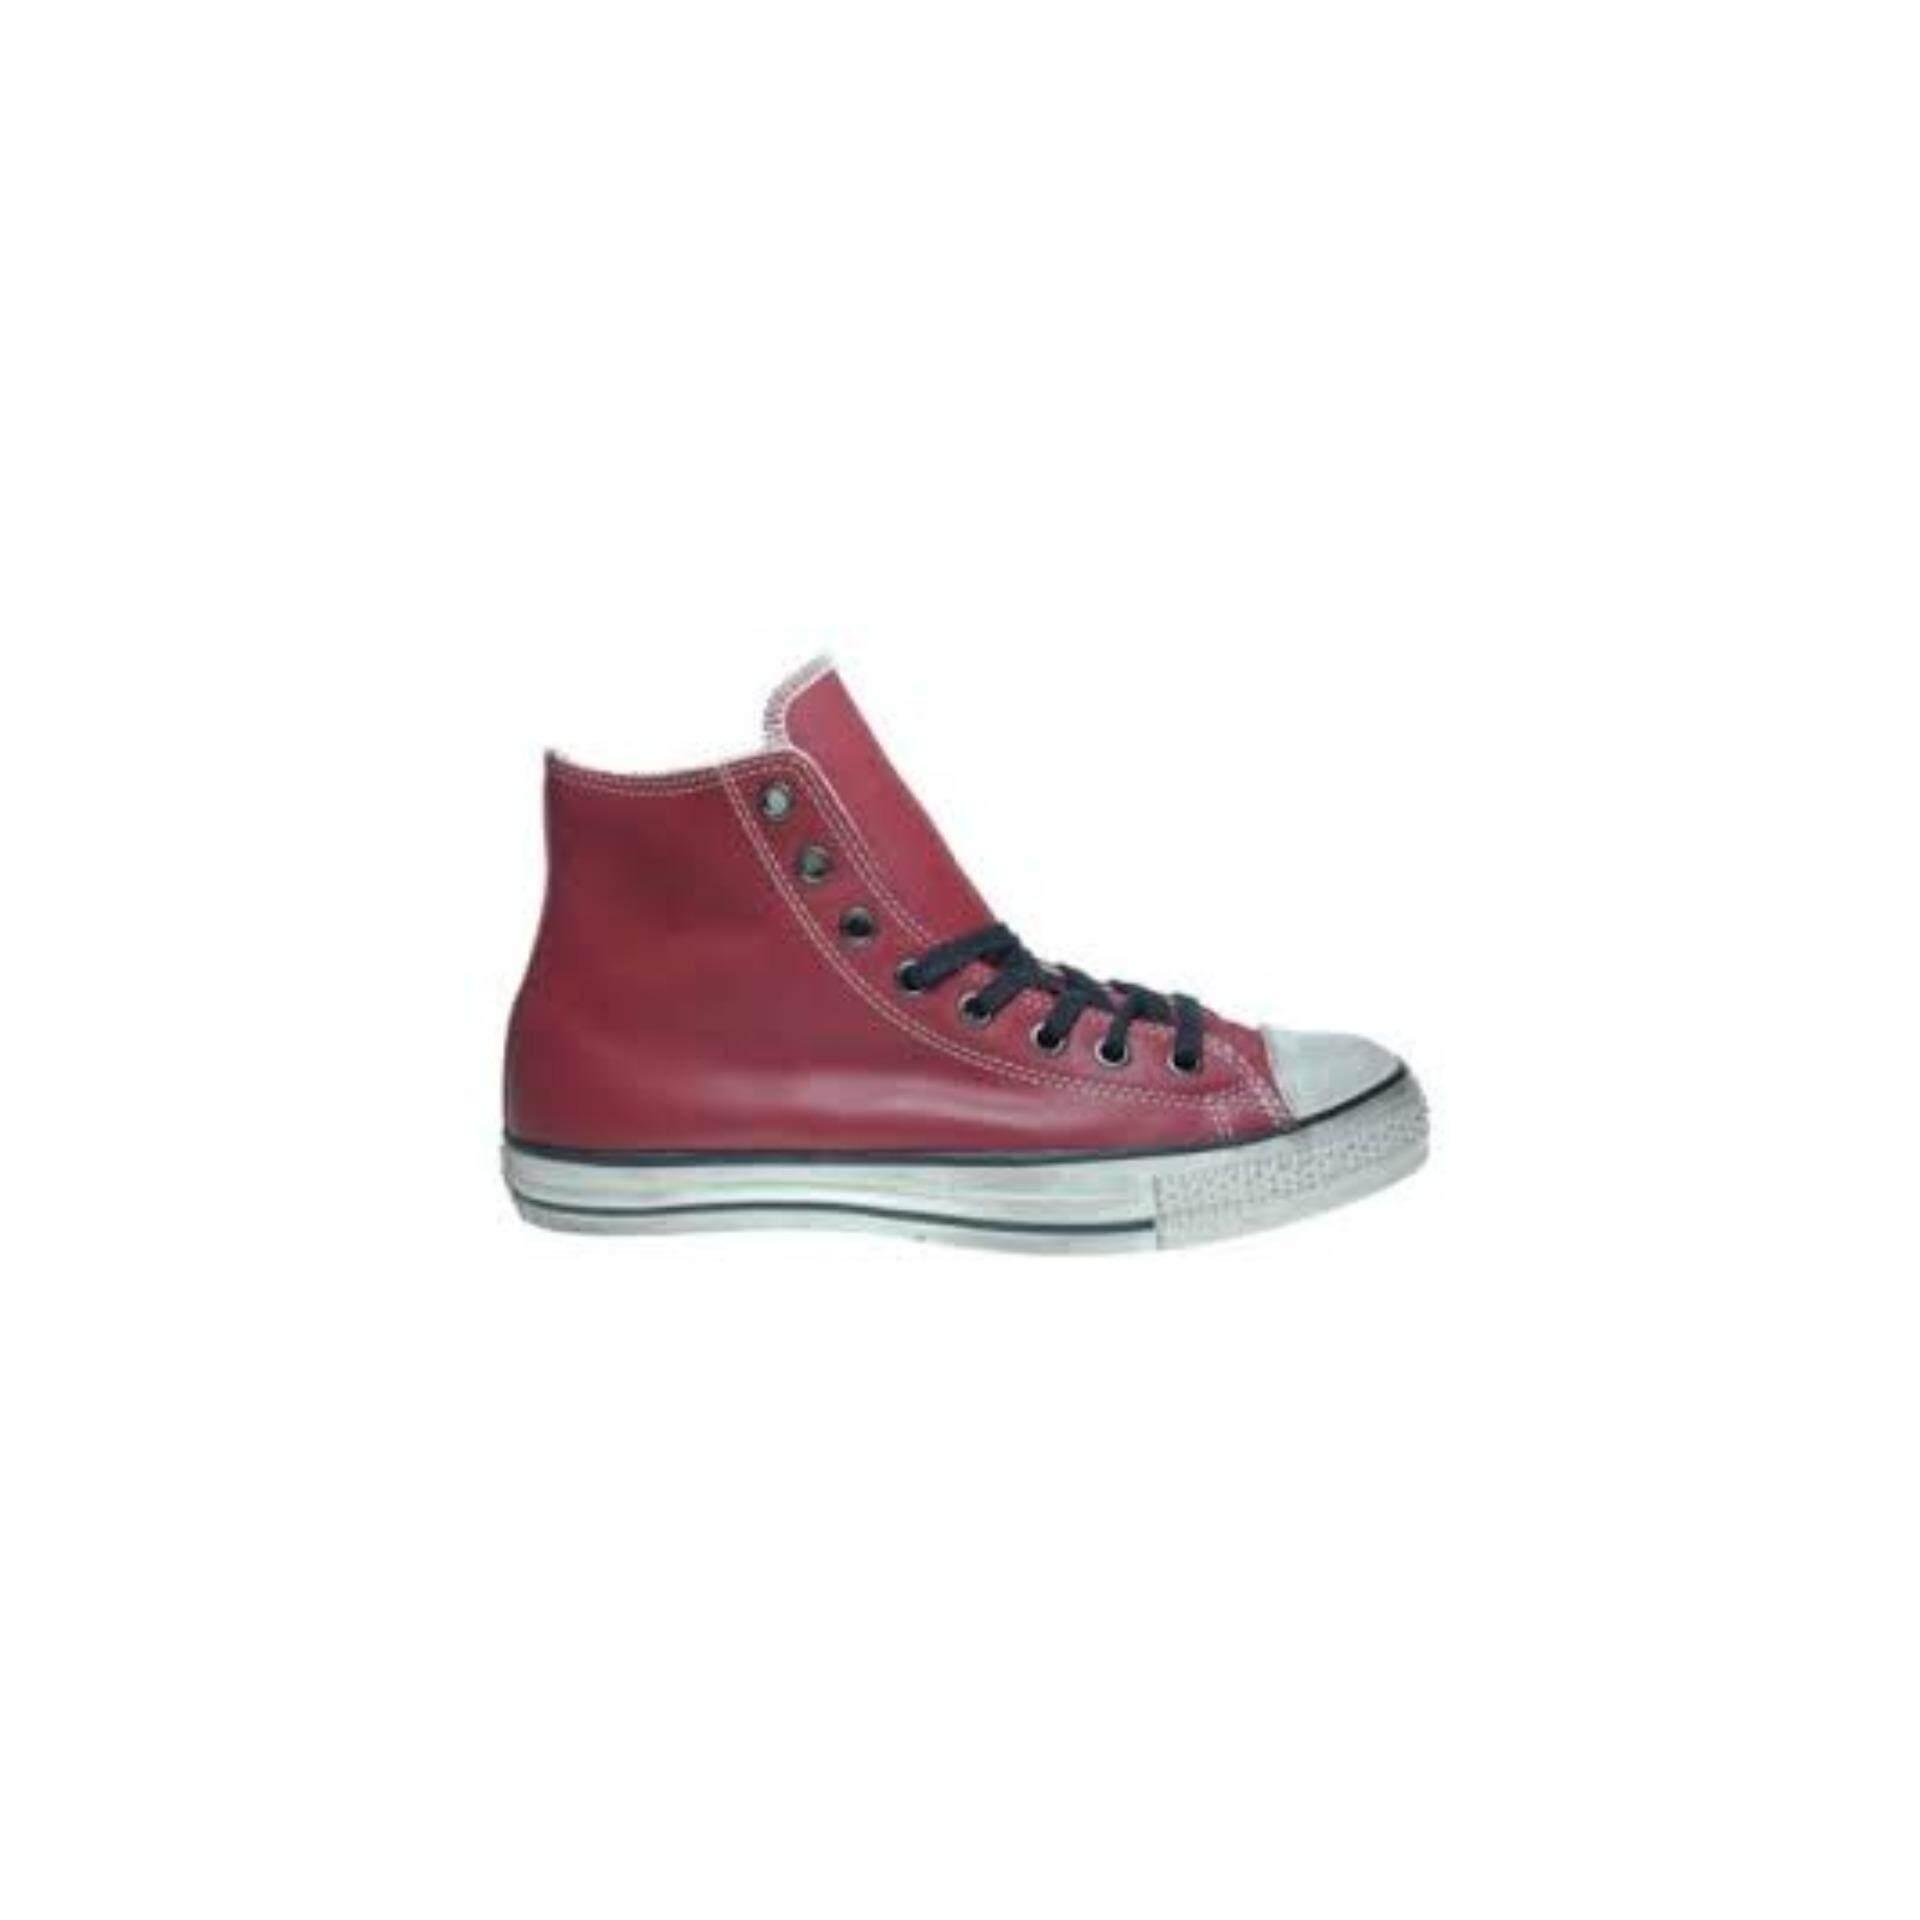 สอนใช้งาน  ชัยภูมิ Converse John Varvators Chuck Taylor Spec Hi Sneaker  117399  Ruby Wine